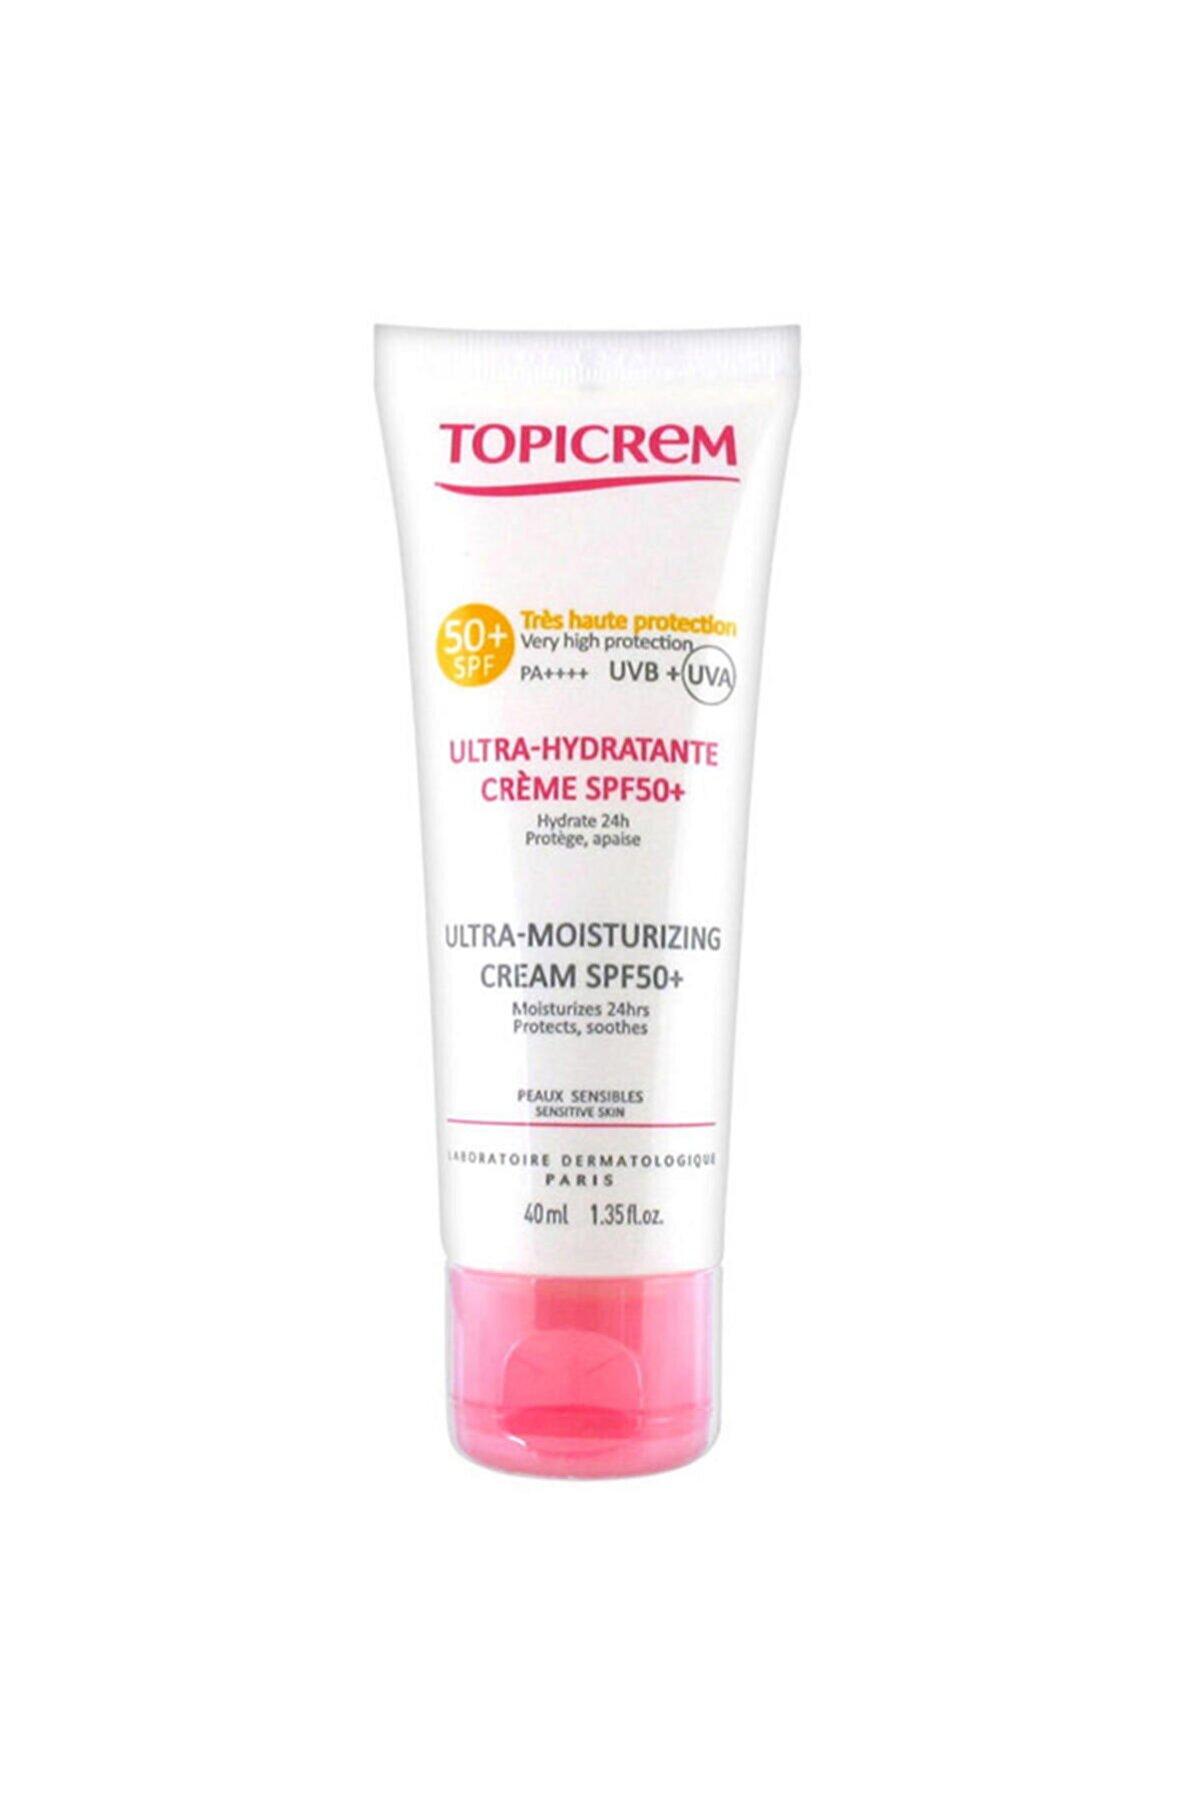 Topicrem Ultra Moisturizing Facebody Cream Nemlendirici Güneş Kremi Spf50 40 ml Skt:2/2023